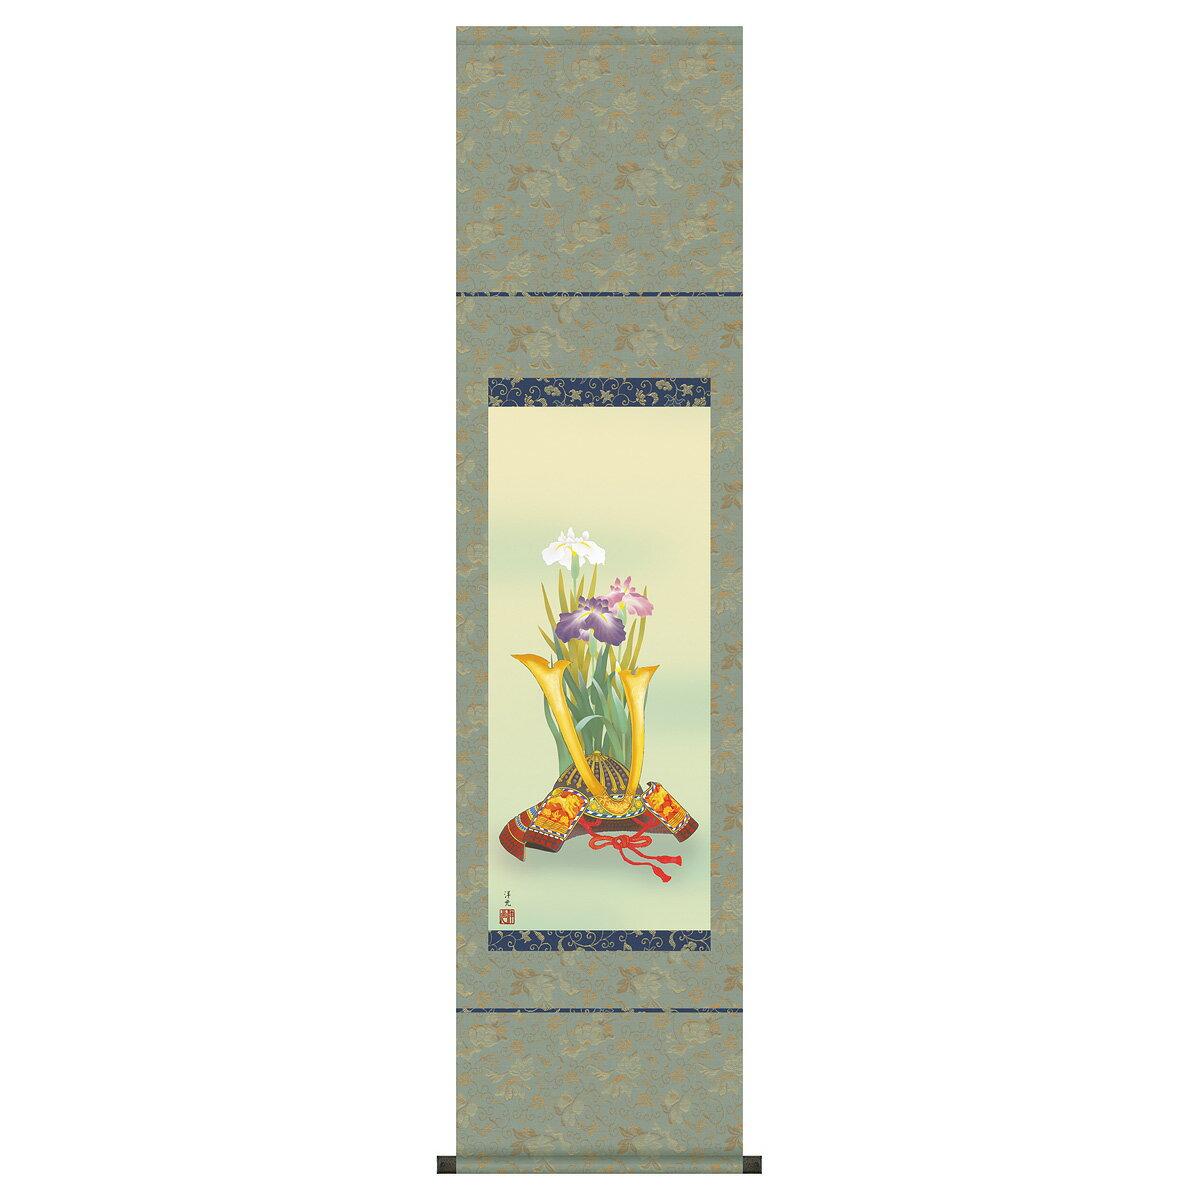 端午の節句 正月 掛け軸 掛軸 「井川洋光(幸洋会)作 兜と菖蒲」 ●正月飾り 端午の節句